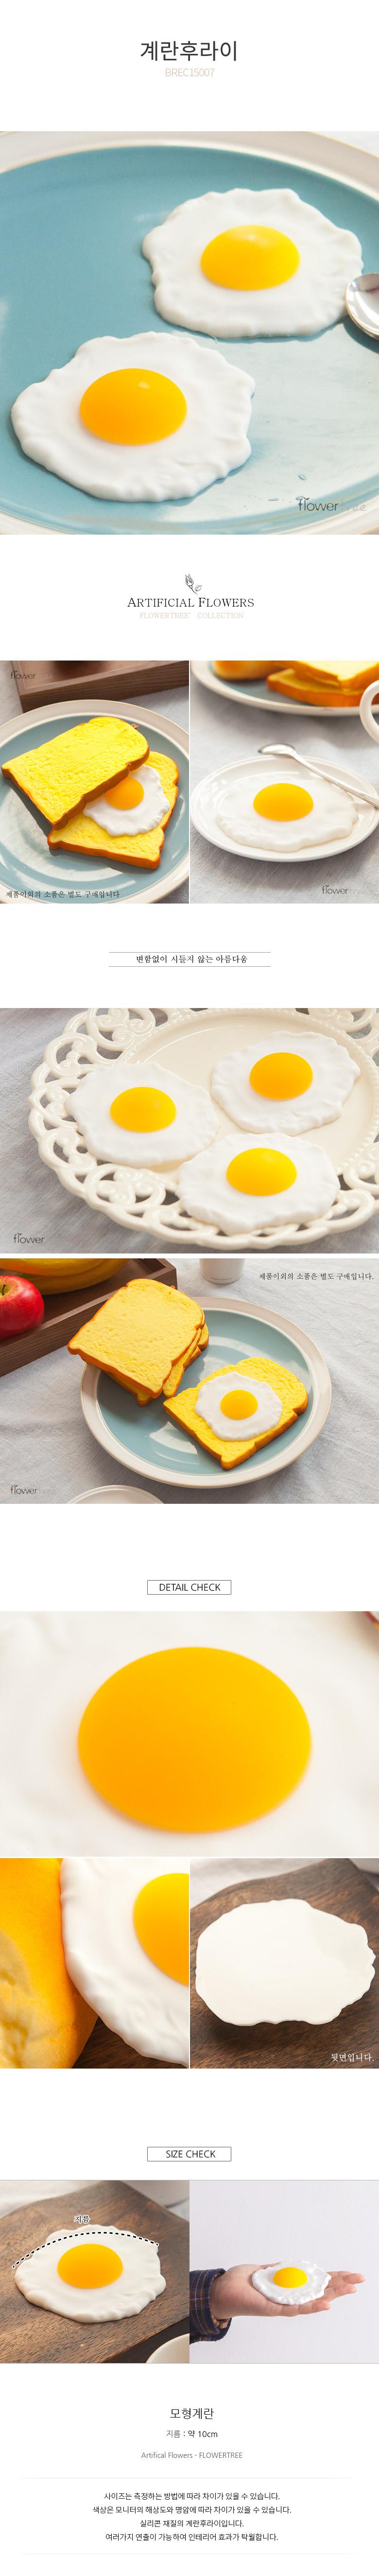 계란후라이 [모형] - 플라워트리, 3,060원, 미니어처, 음식